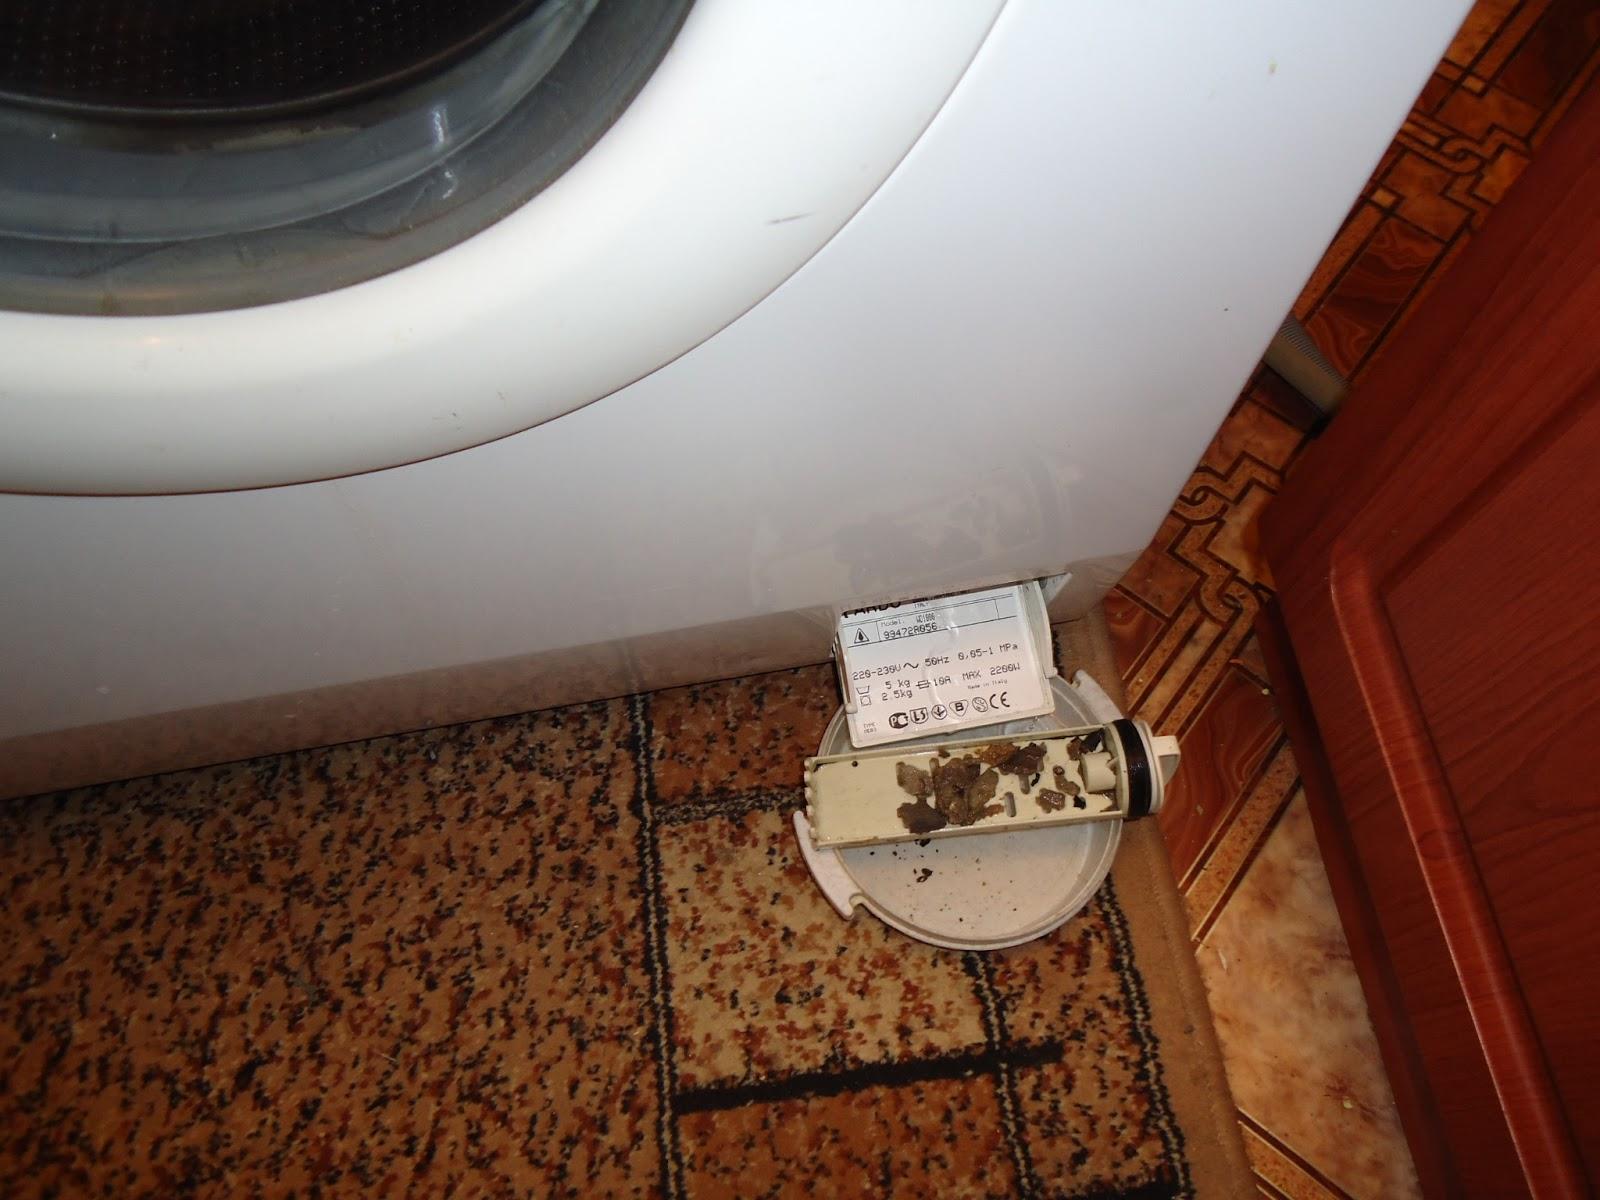 схема стиральной машины вирпул снятике фильтра